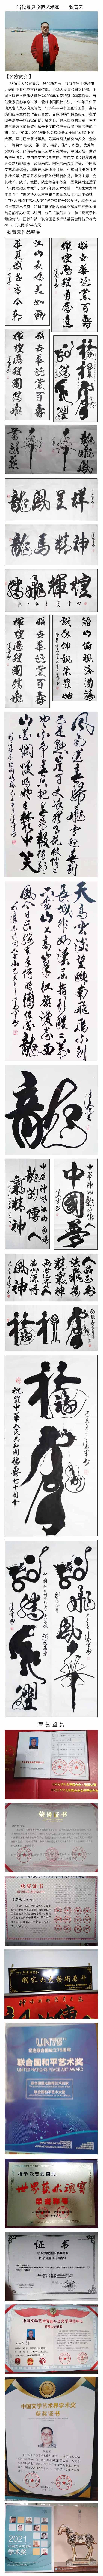 当代最具收藏价值艺术家——狄青云